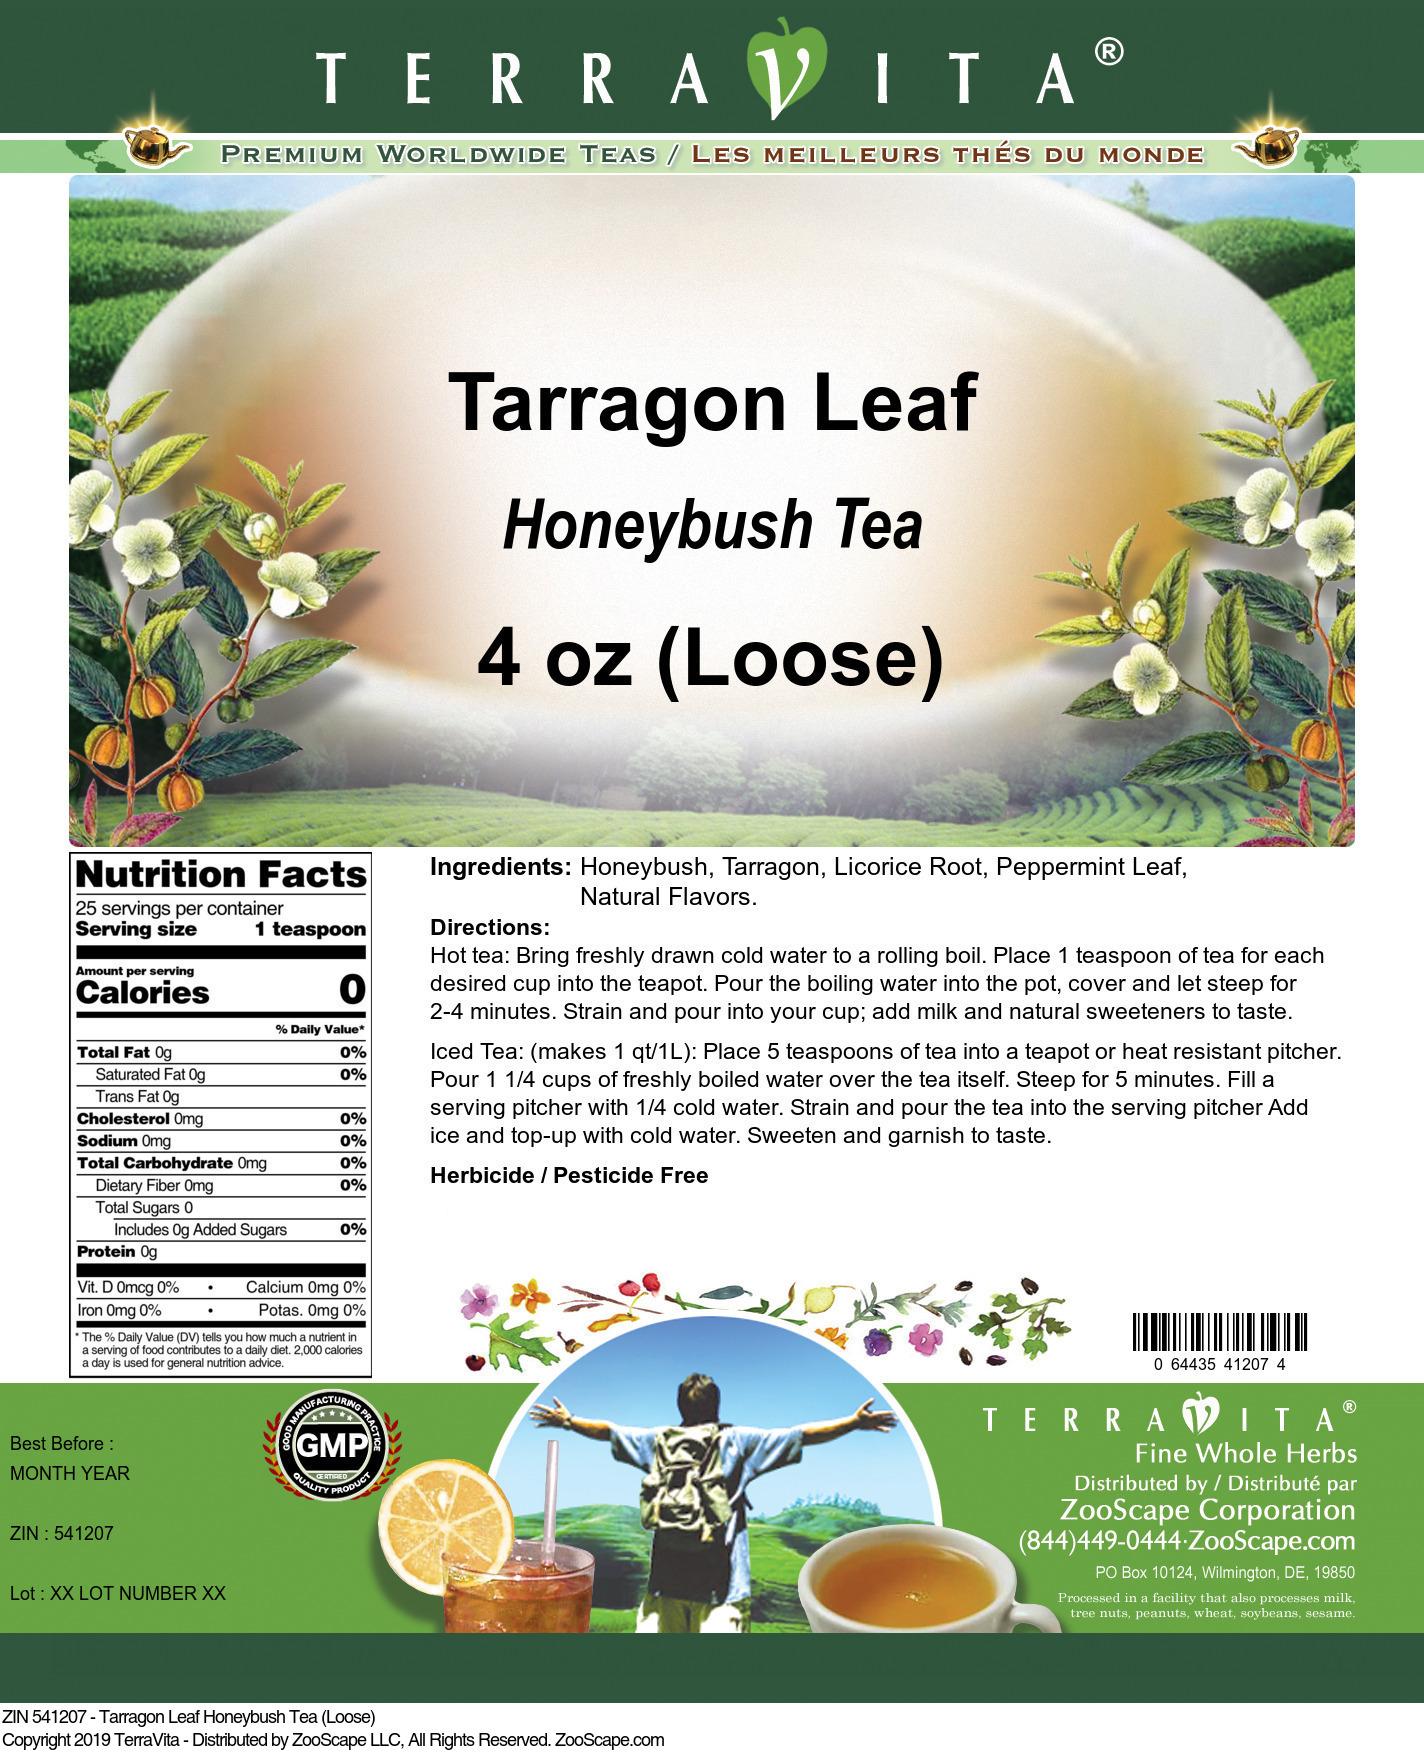 Tarragon Leaf Honeybush Tea (Loose)